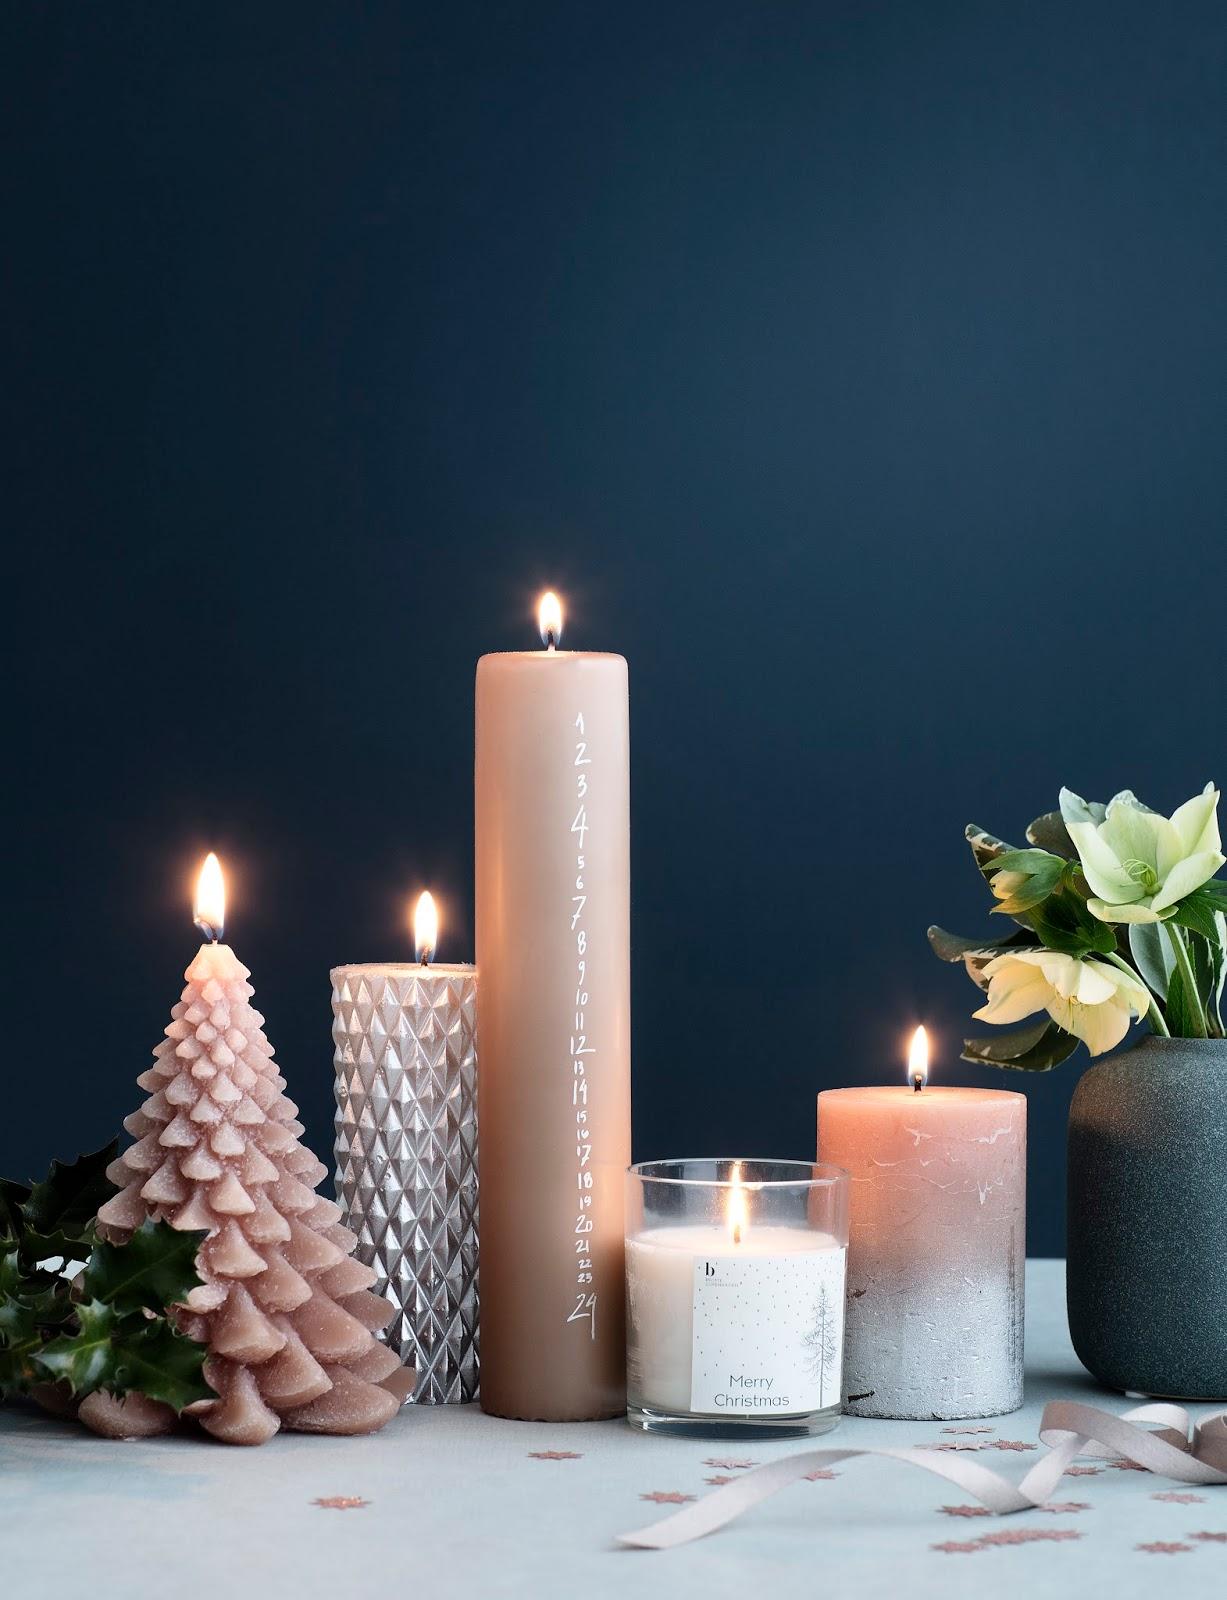 Dekoracje na Święta Bożego Narodzenia